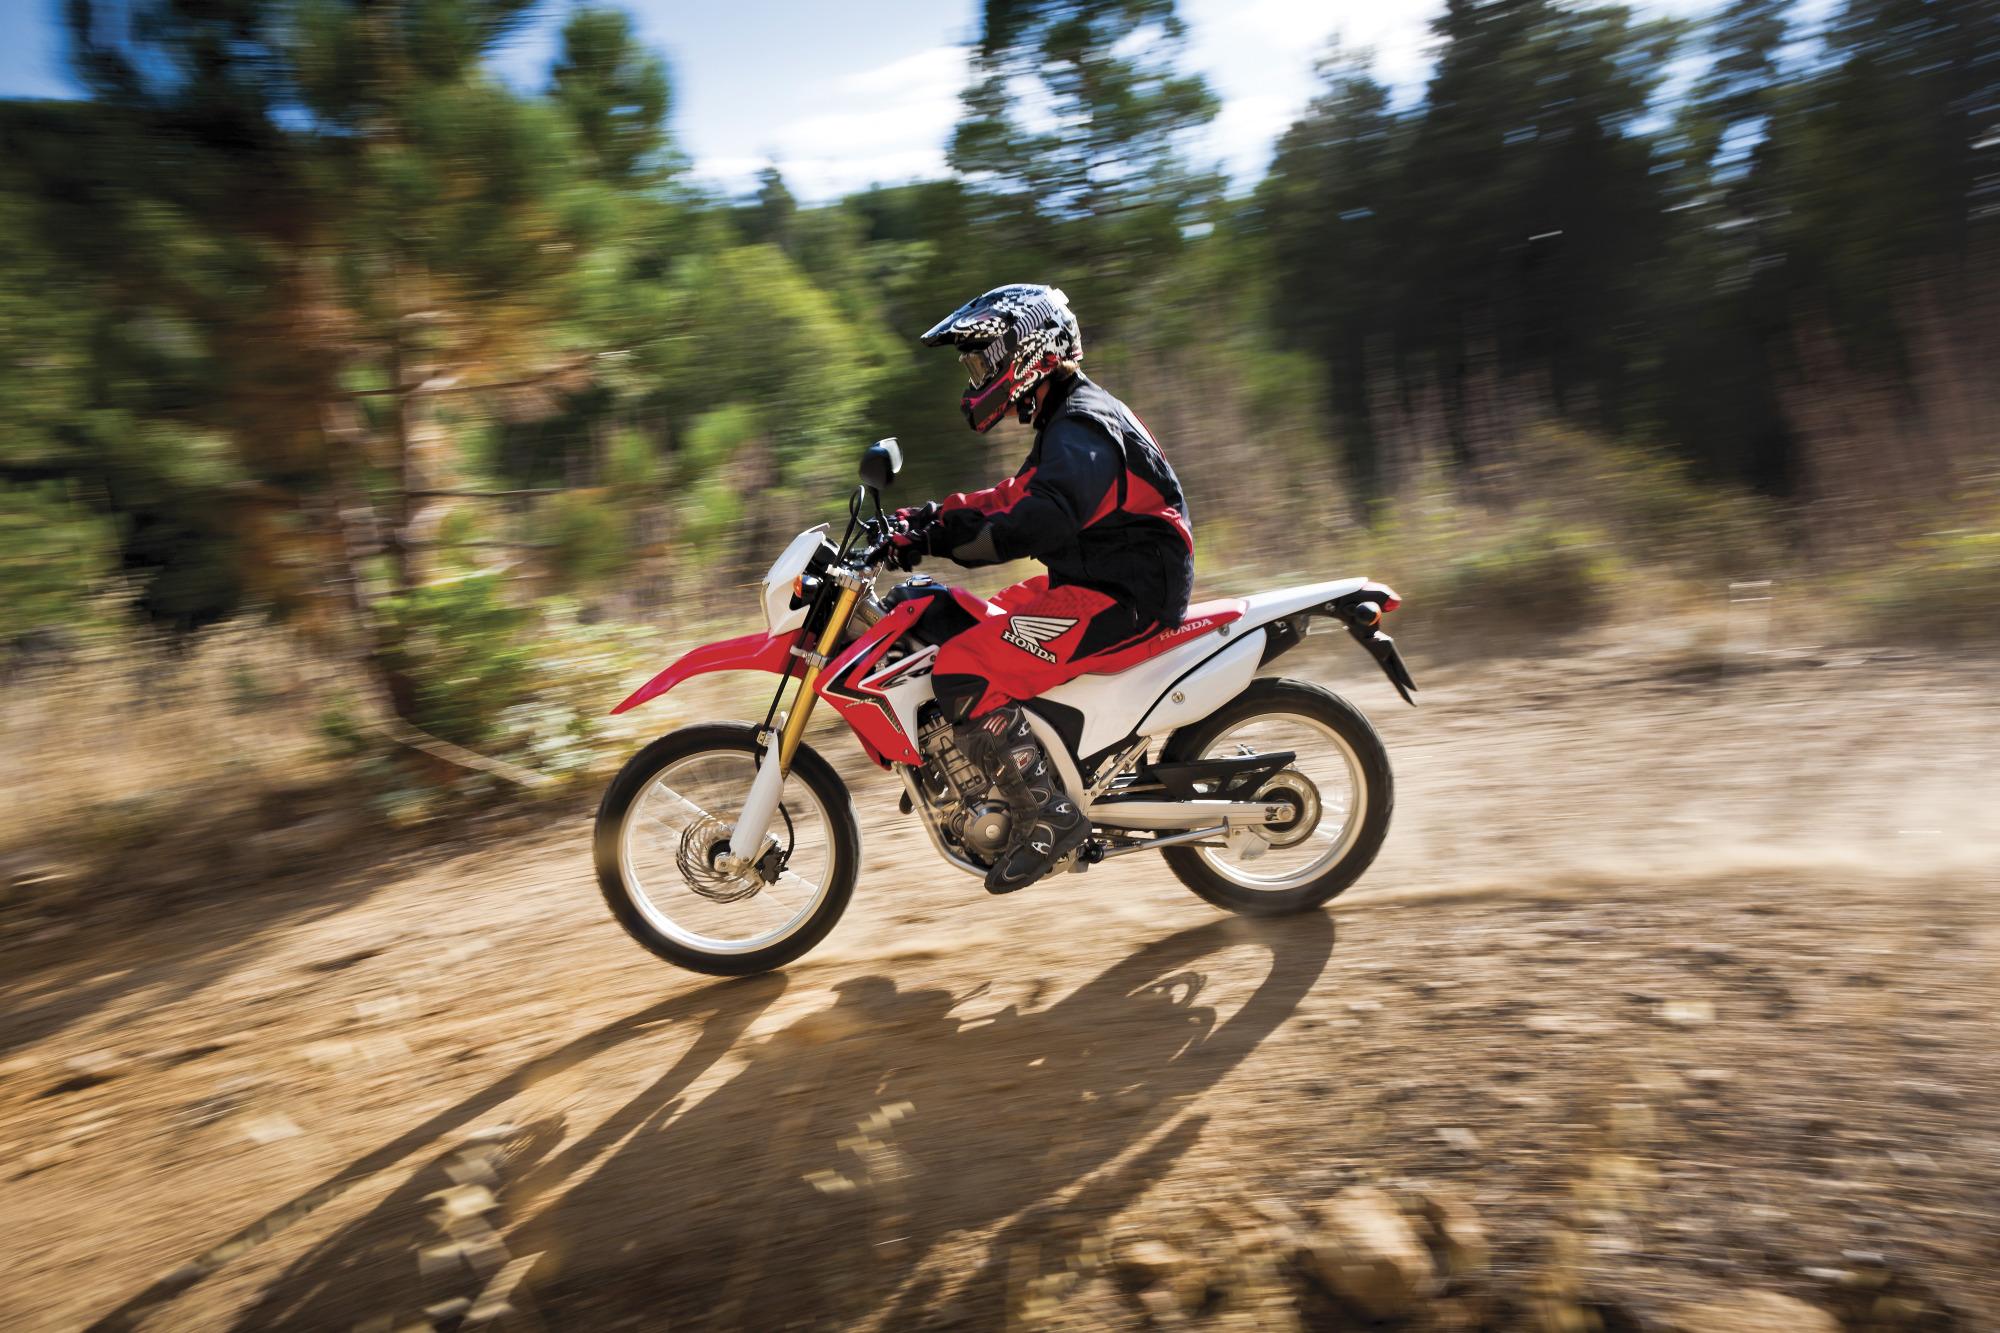 Honda CRF 250 L Bilder und technische Daten